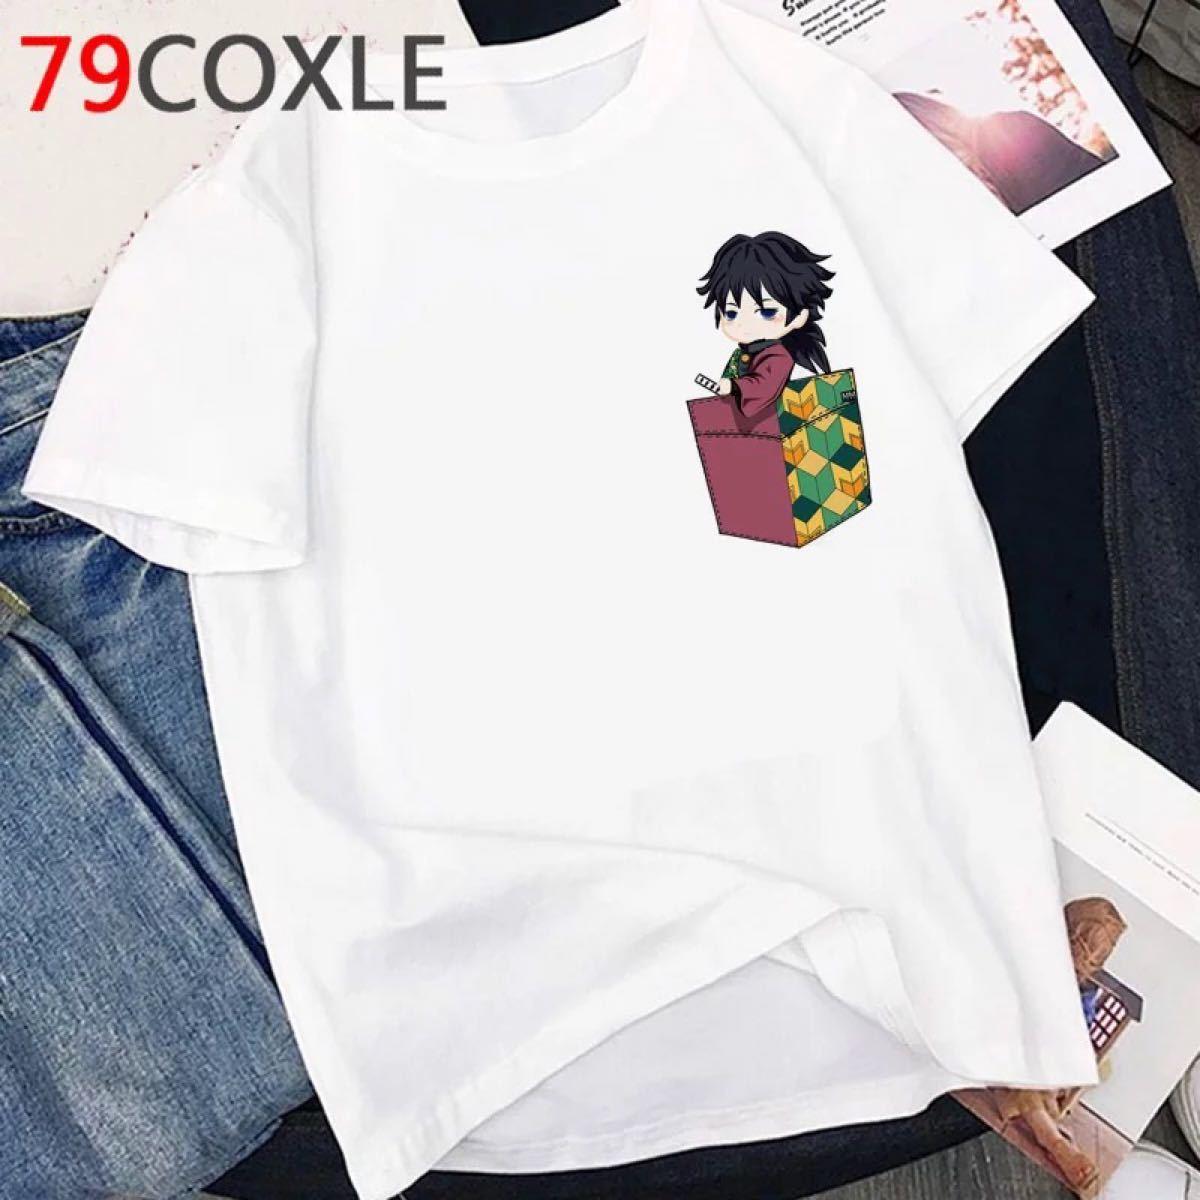 鬼滅の刃 冨岡義勇 デザイン Tシャツ